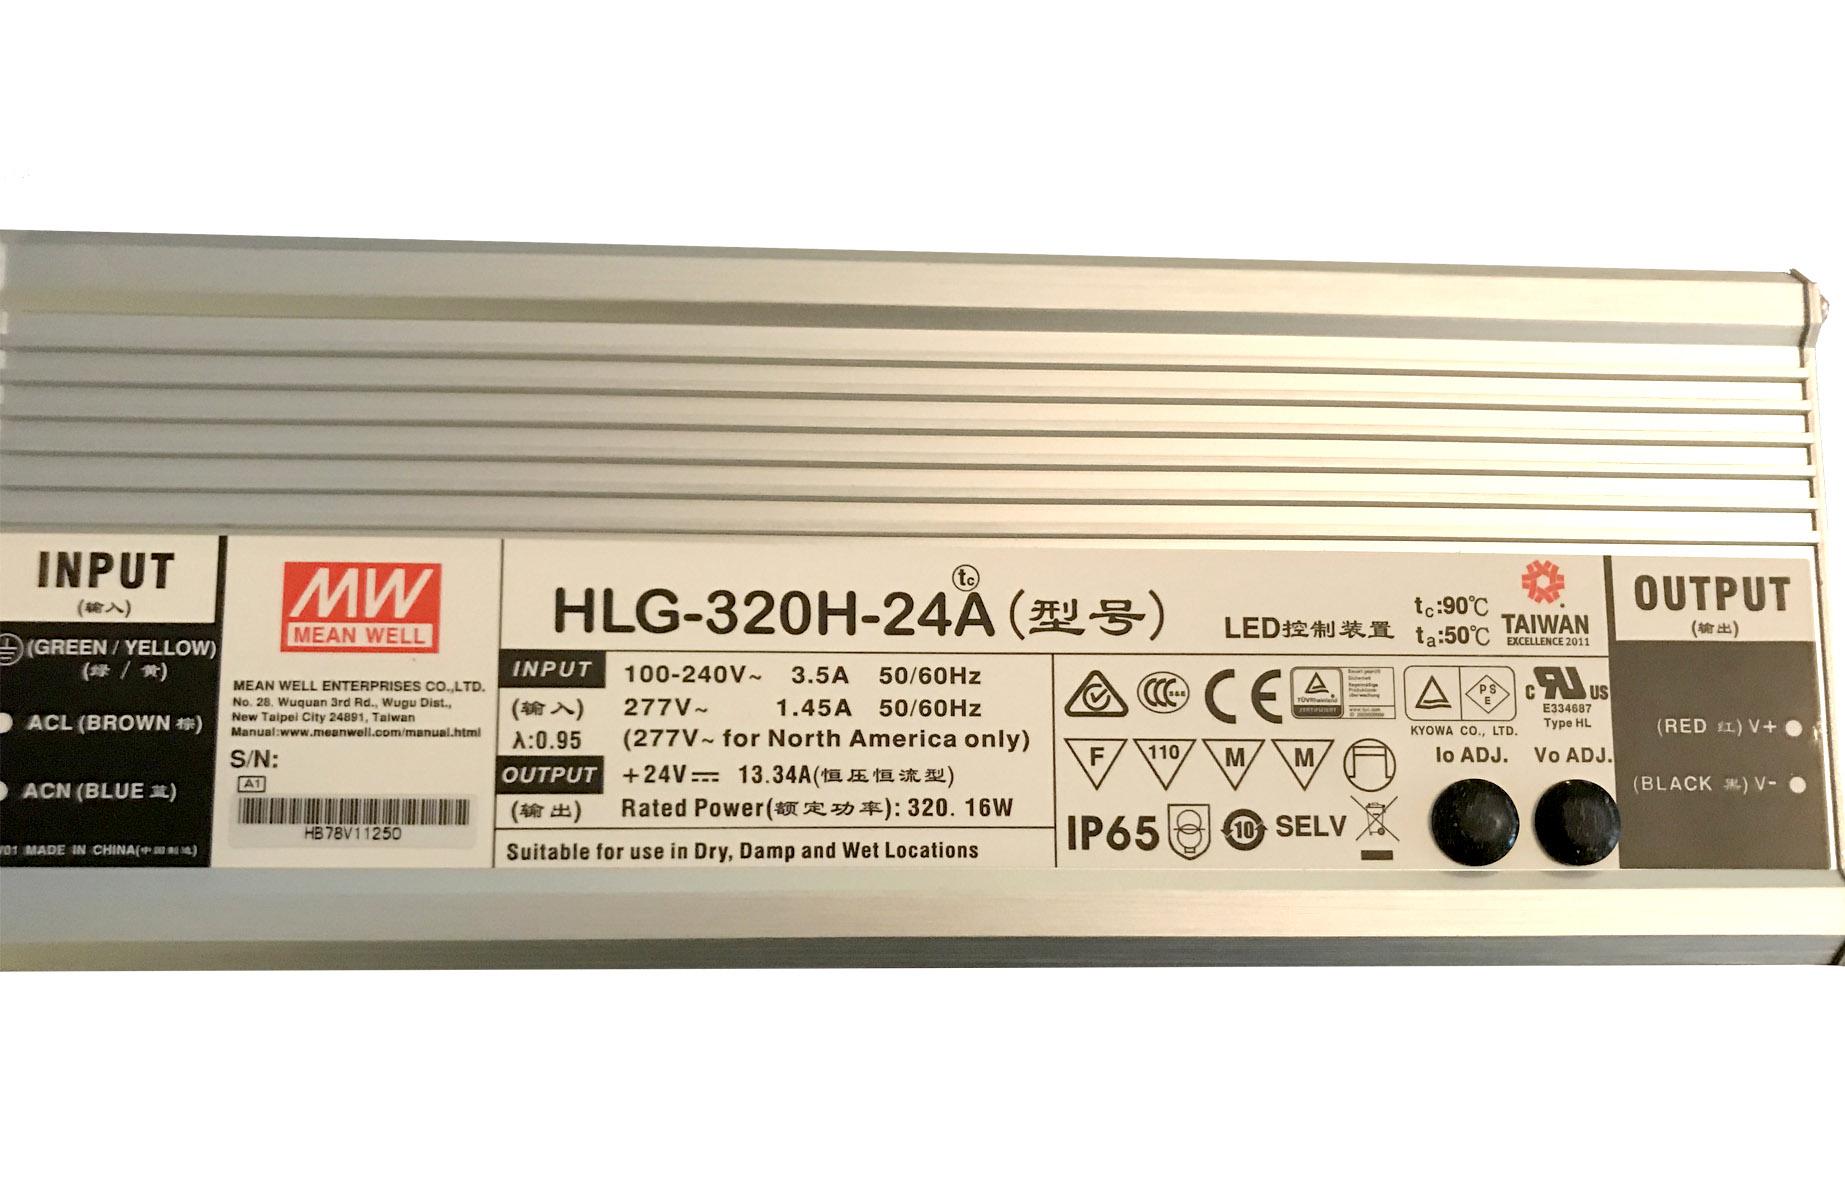 hlg-320h